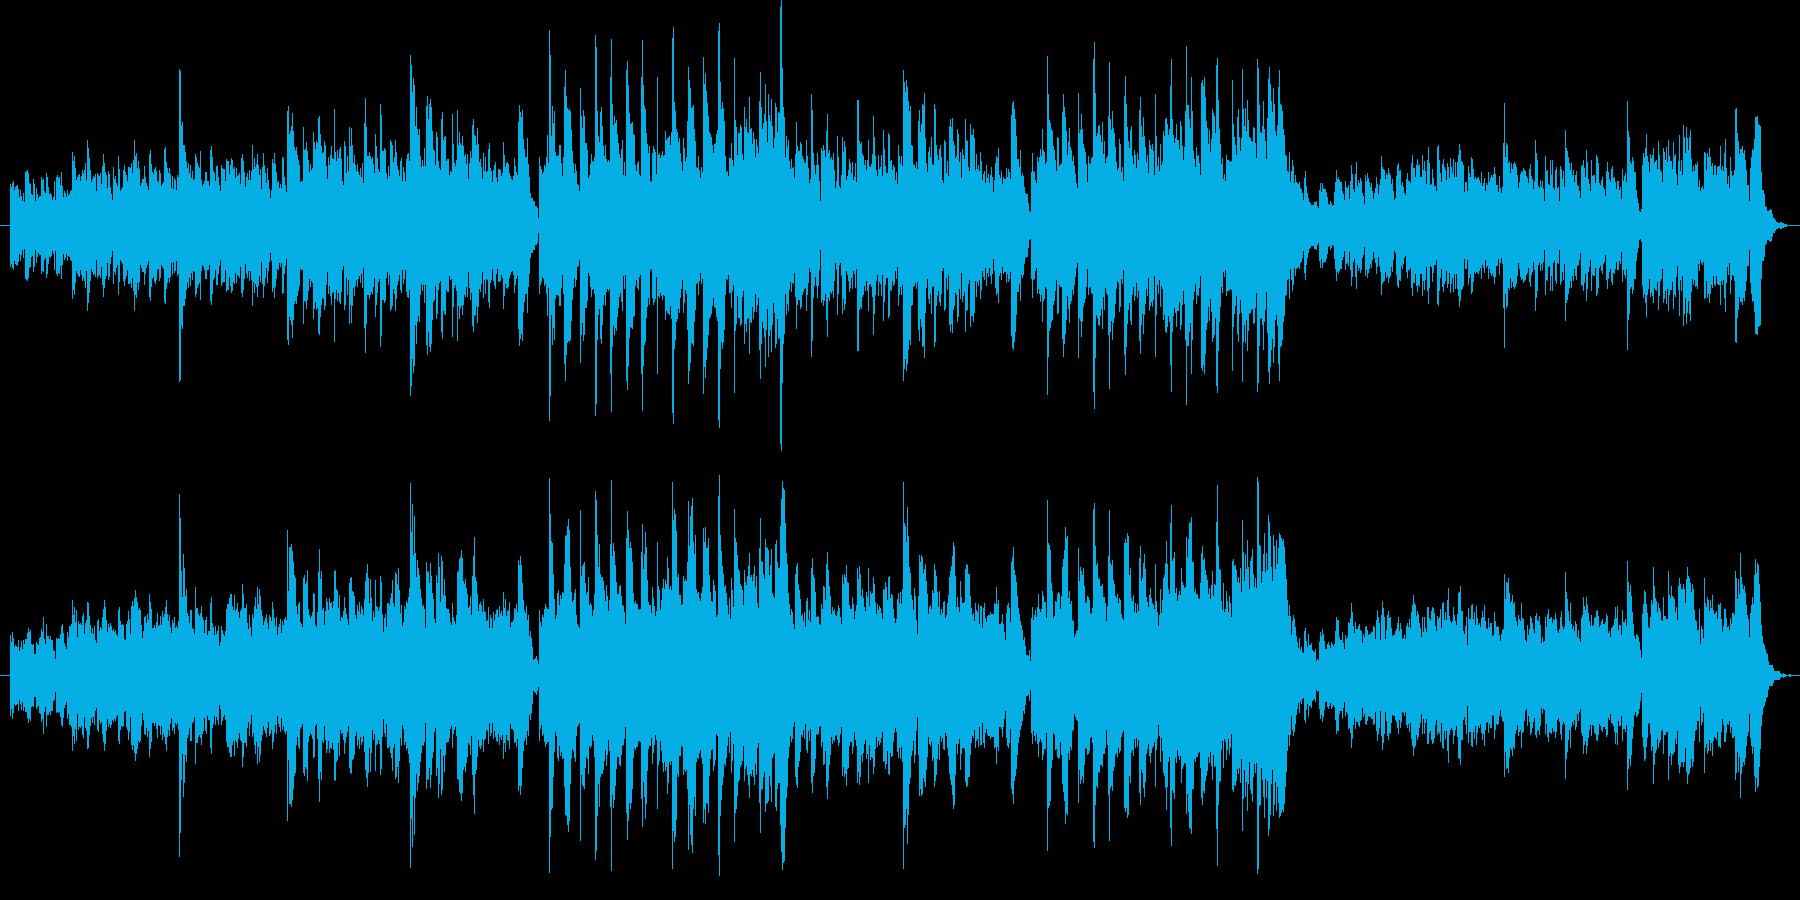 クラシックギターとリコーダーによる曲ですの再生済みの波形